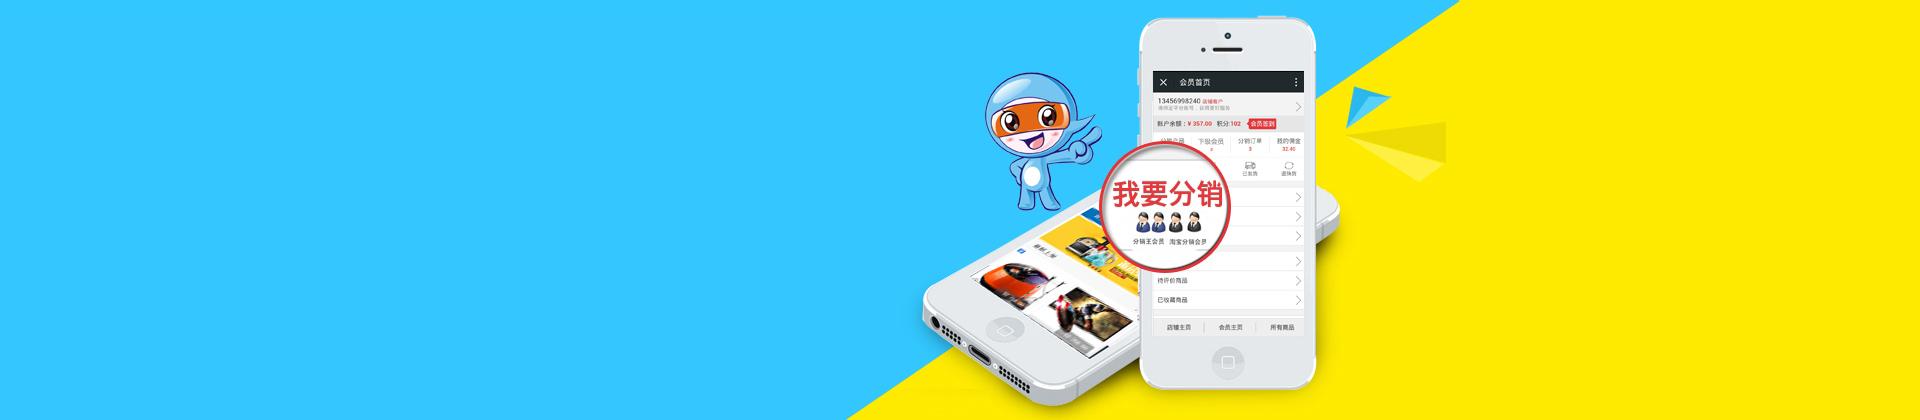 荣鼎彩|首页轻松带领成千上万的微信用户一起为您销售商品